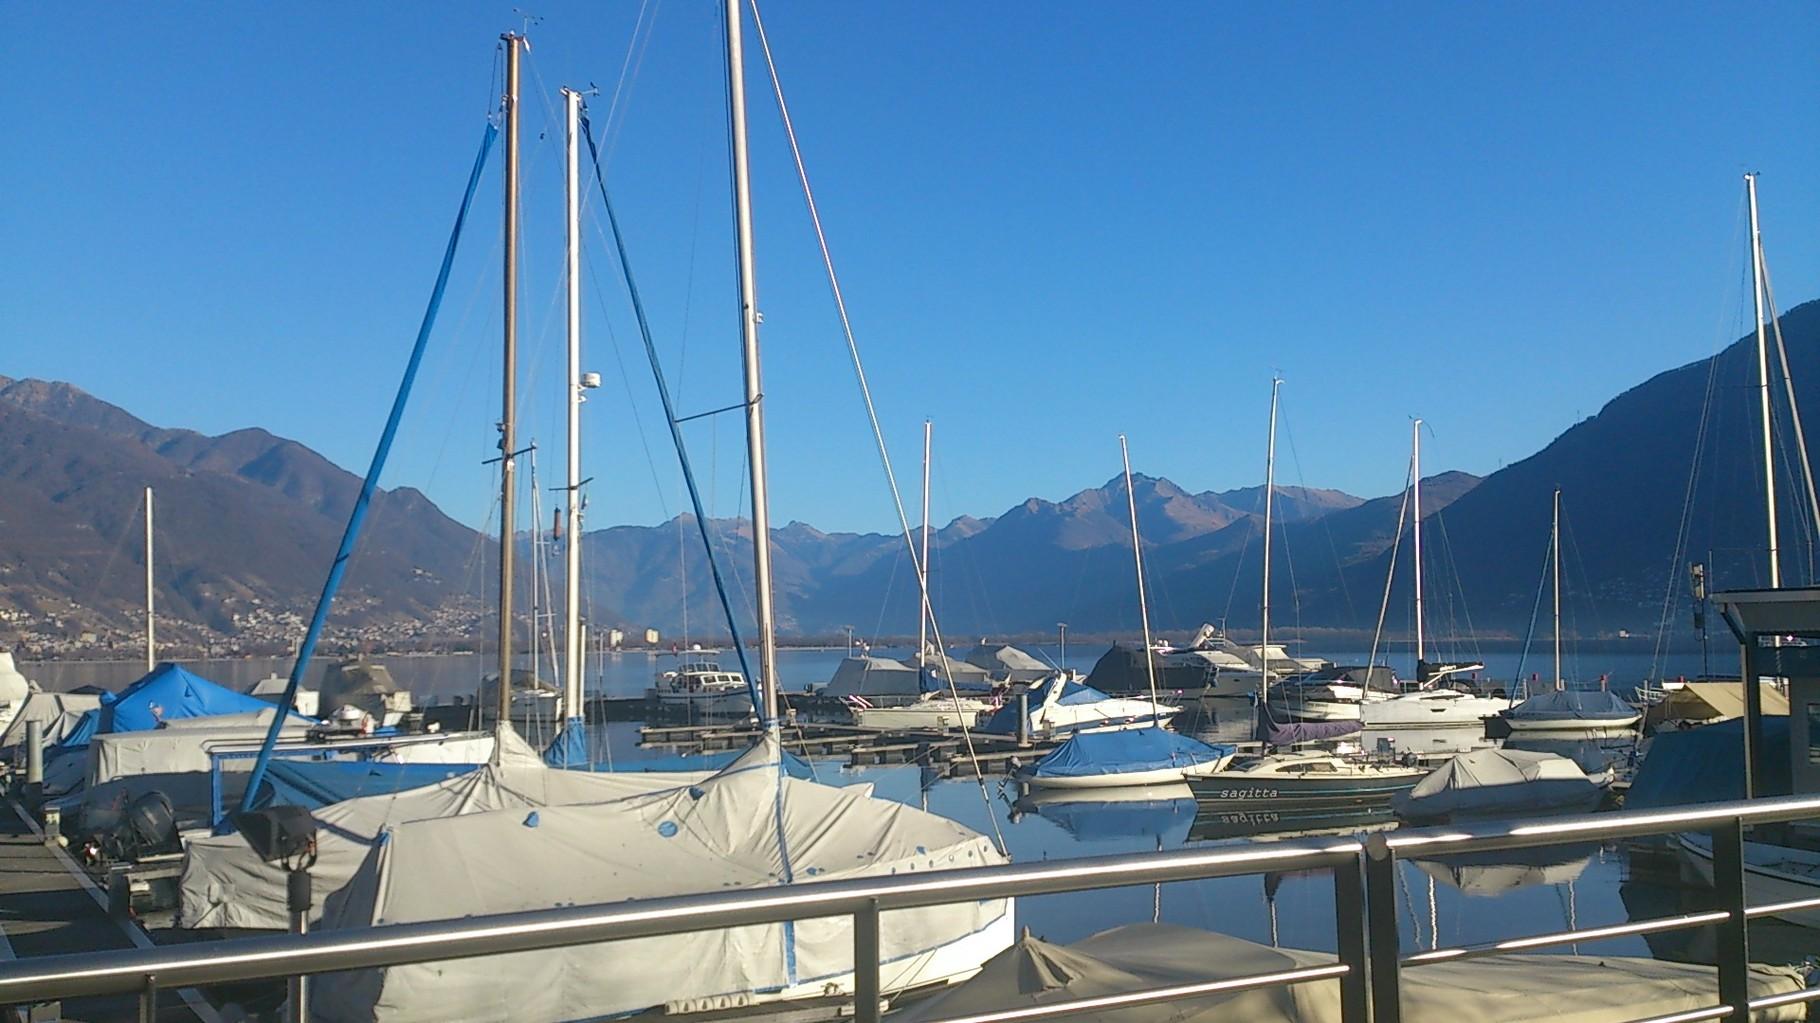 Hafen von Locarno